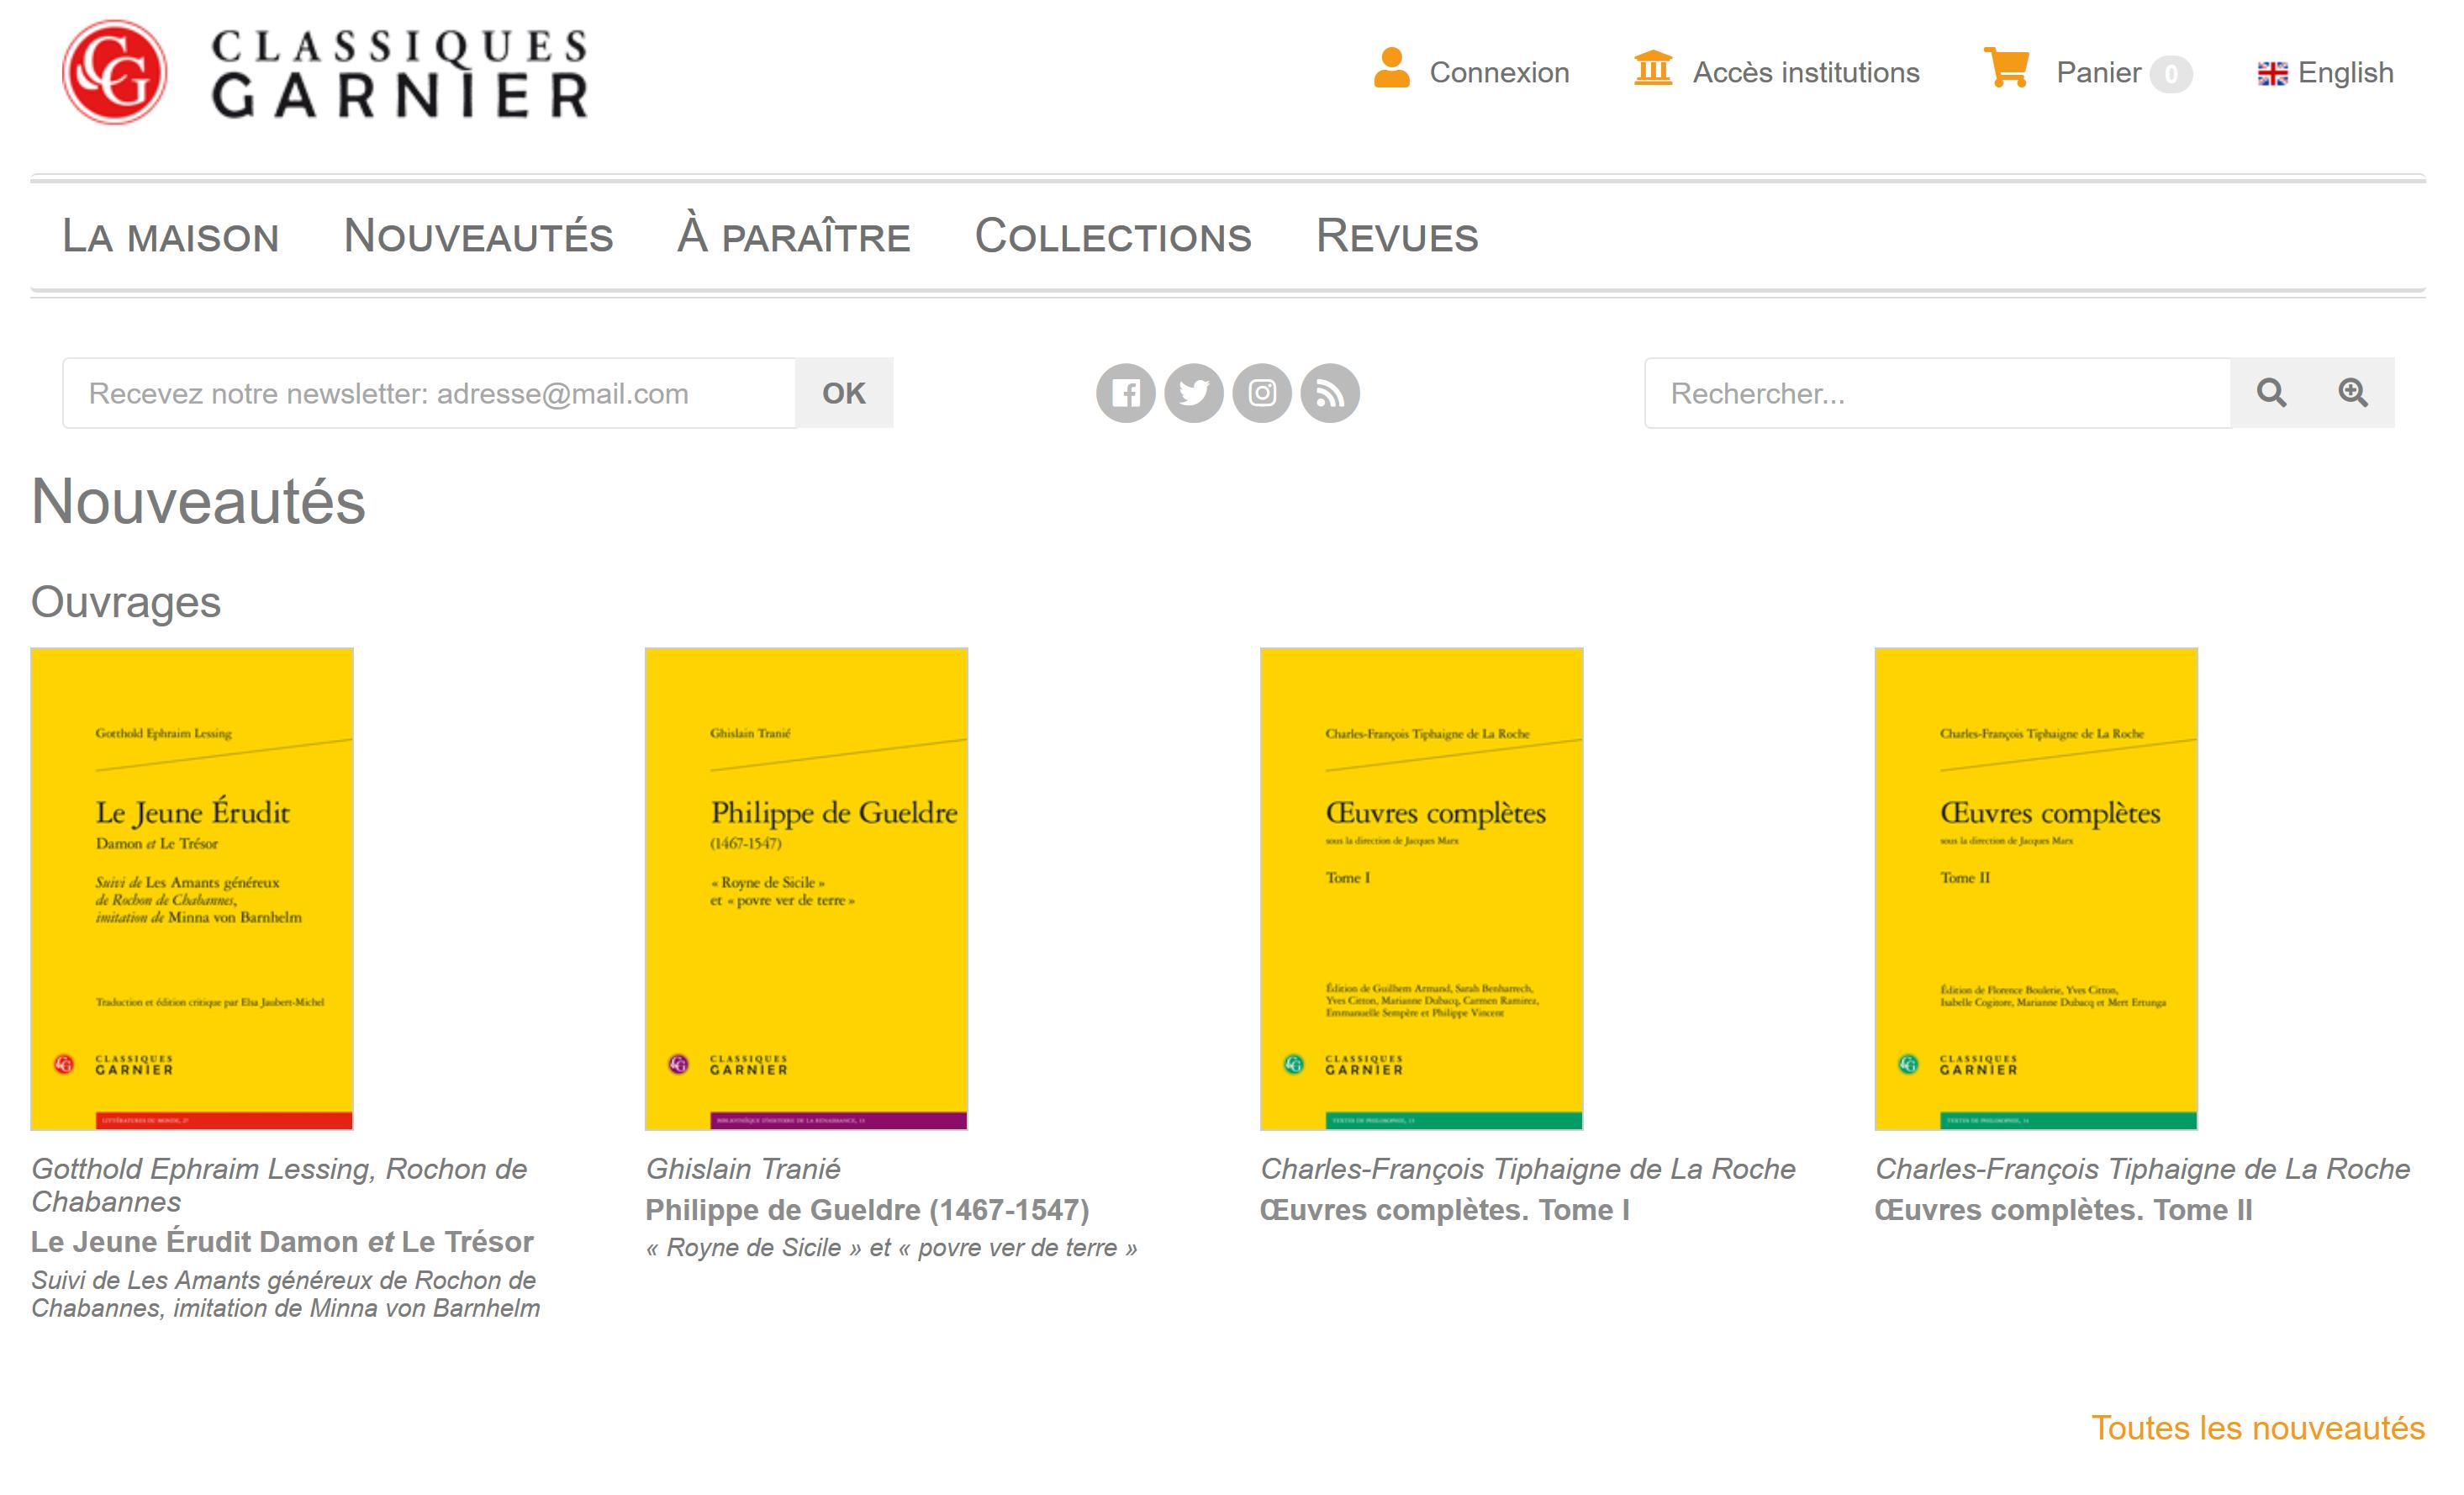 Classiques Garnier numérique interface